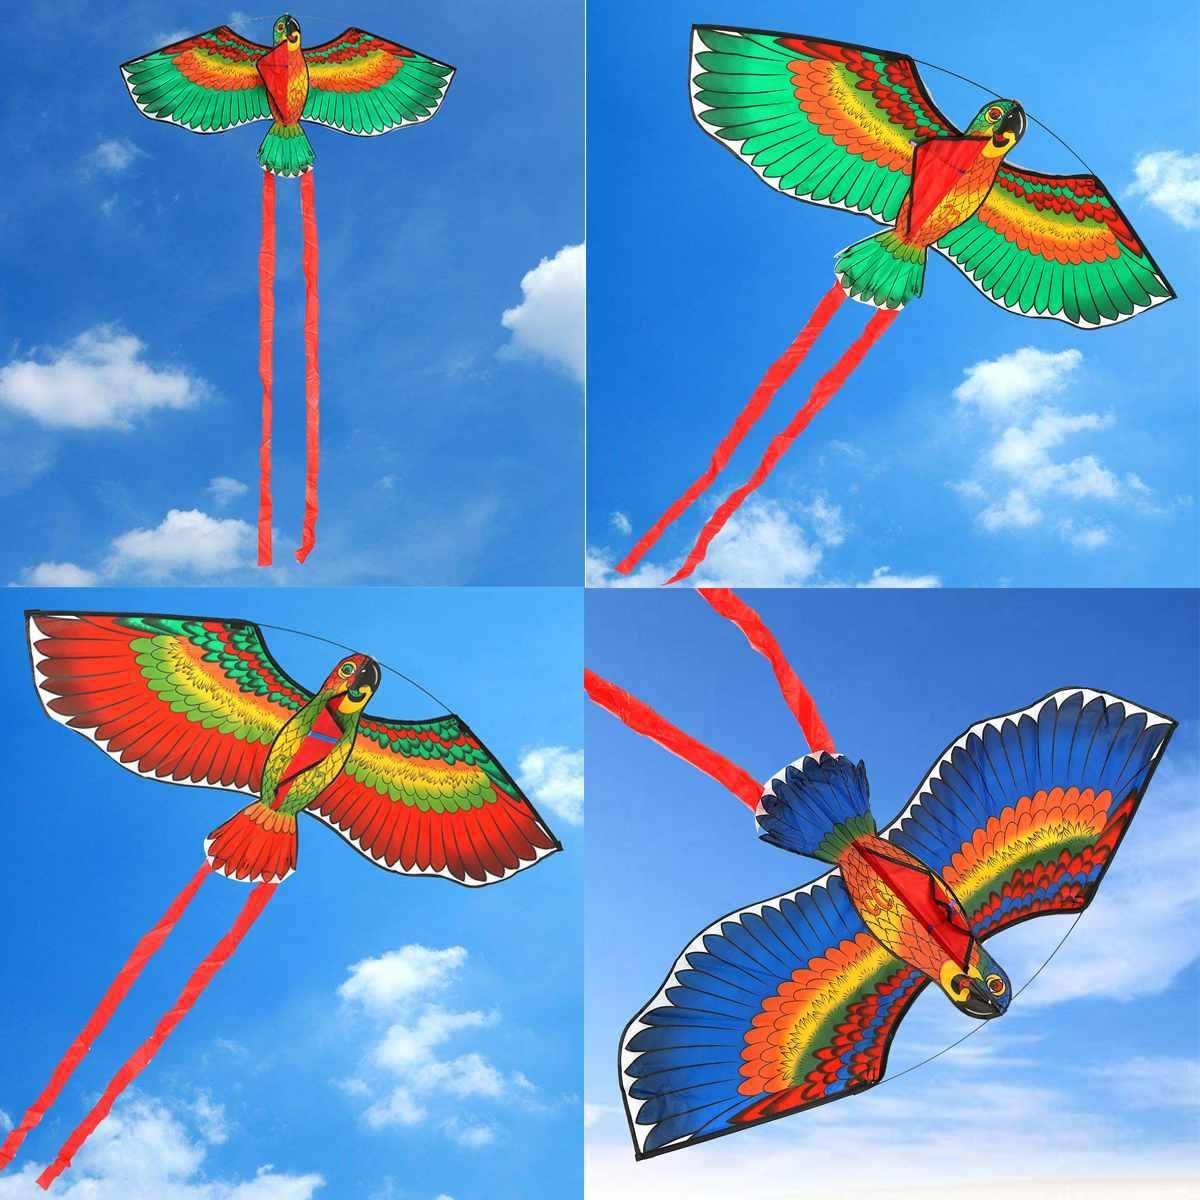 Nueva muñeca deportiva divertida al aire libre 100x50cm cometa de loros + cuerda de cometa con mango de plástico volando? Cometa como regalos para niños